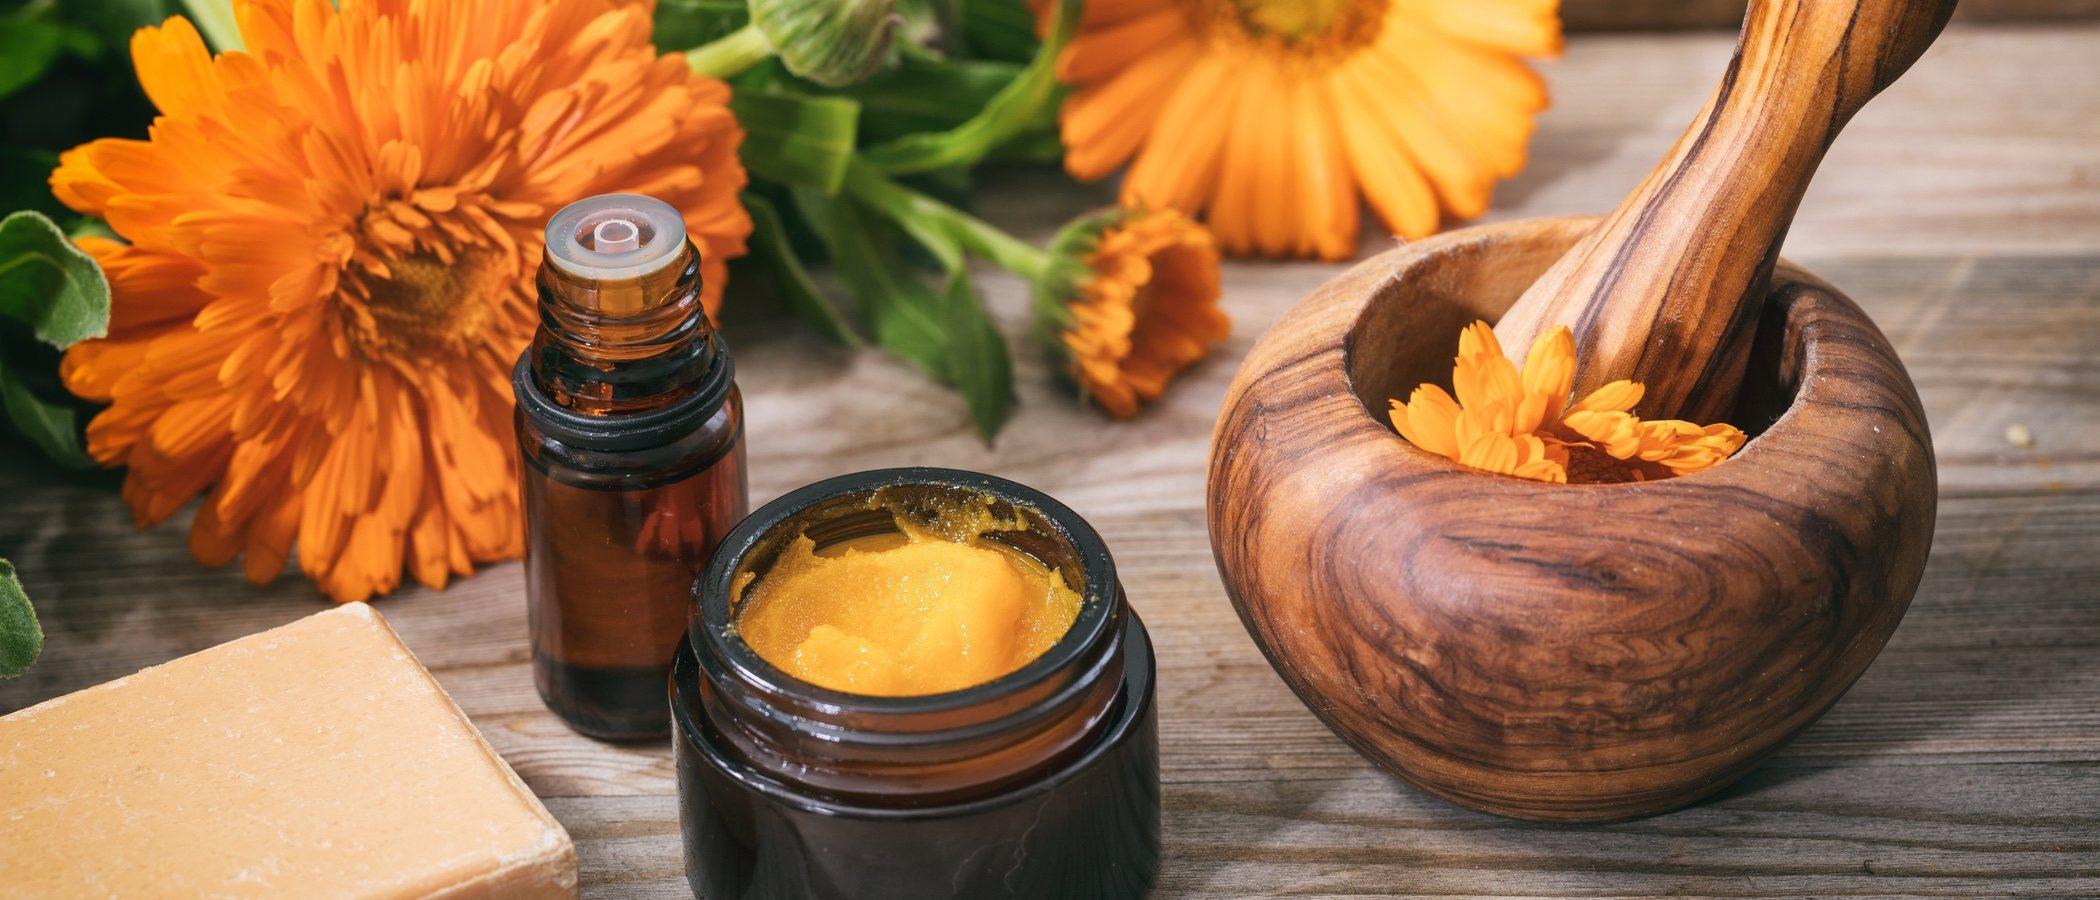 La caléndula en la elaboración de productos de belleza